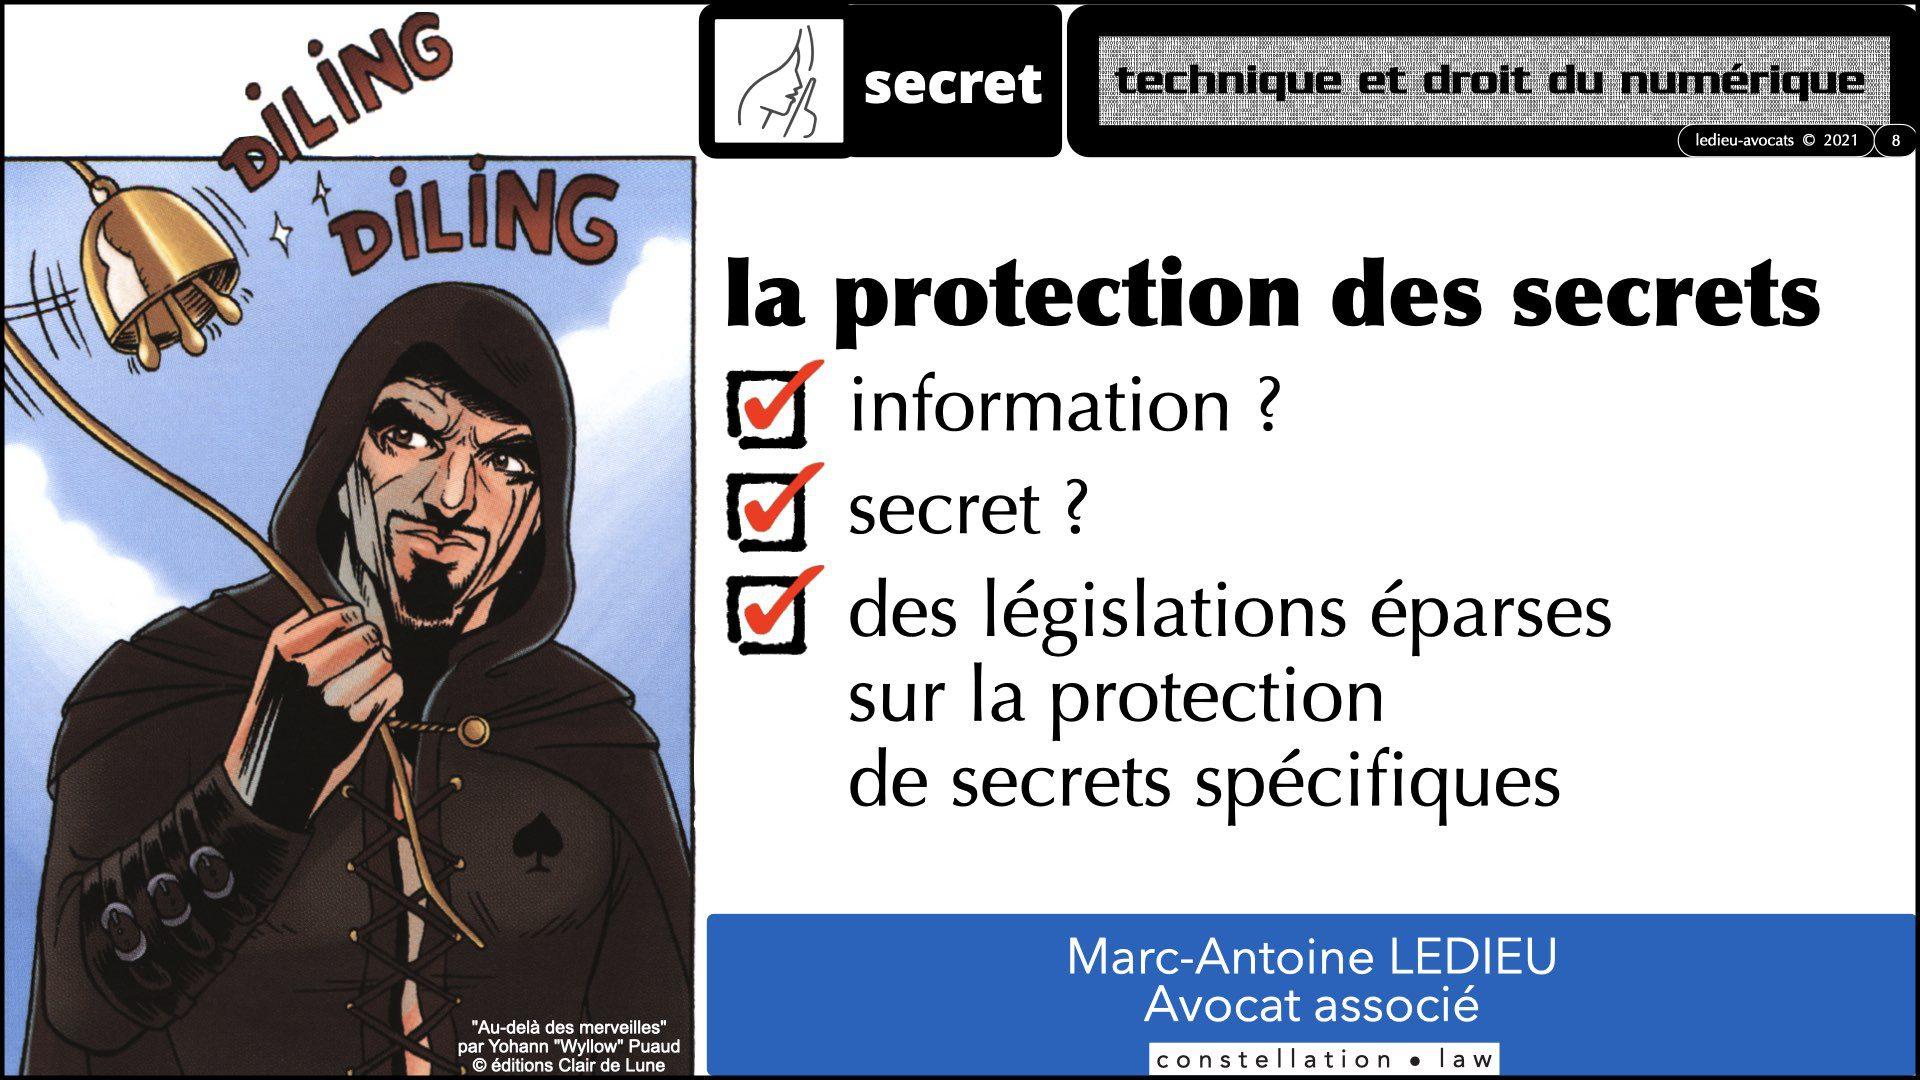 #346 zOOm X'UP SECRET d'affaire confidentialité non disclosure NDA © Ledieu Avocats technique droit numerique BLOG en BD 12-09-2021.008